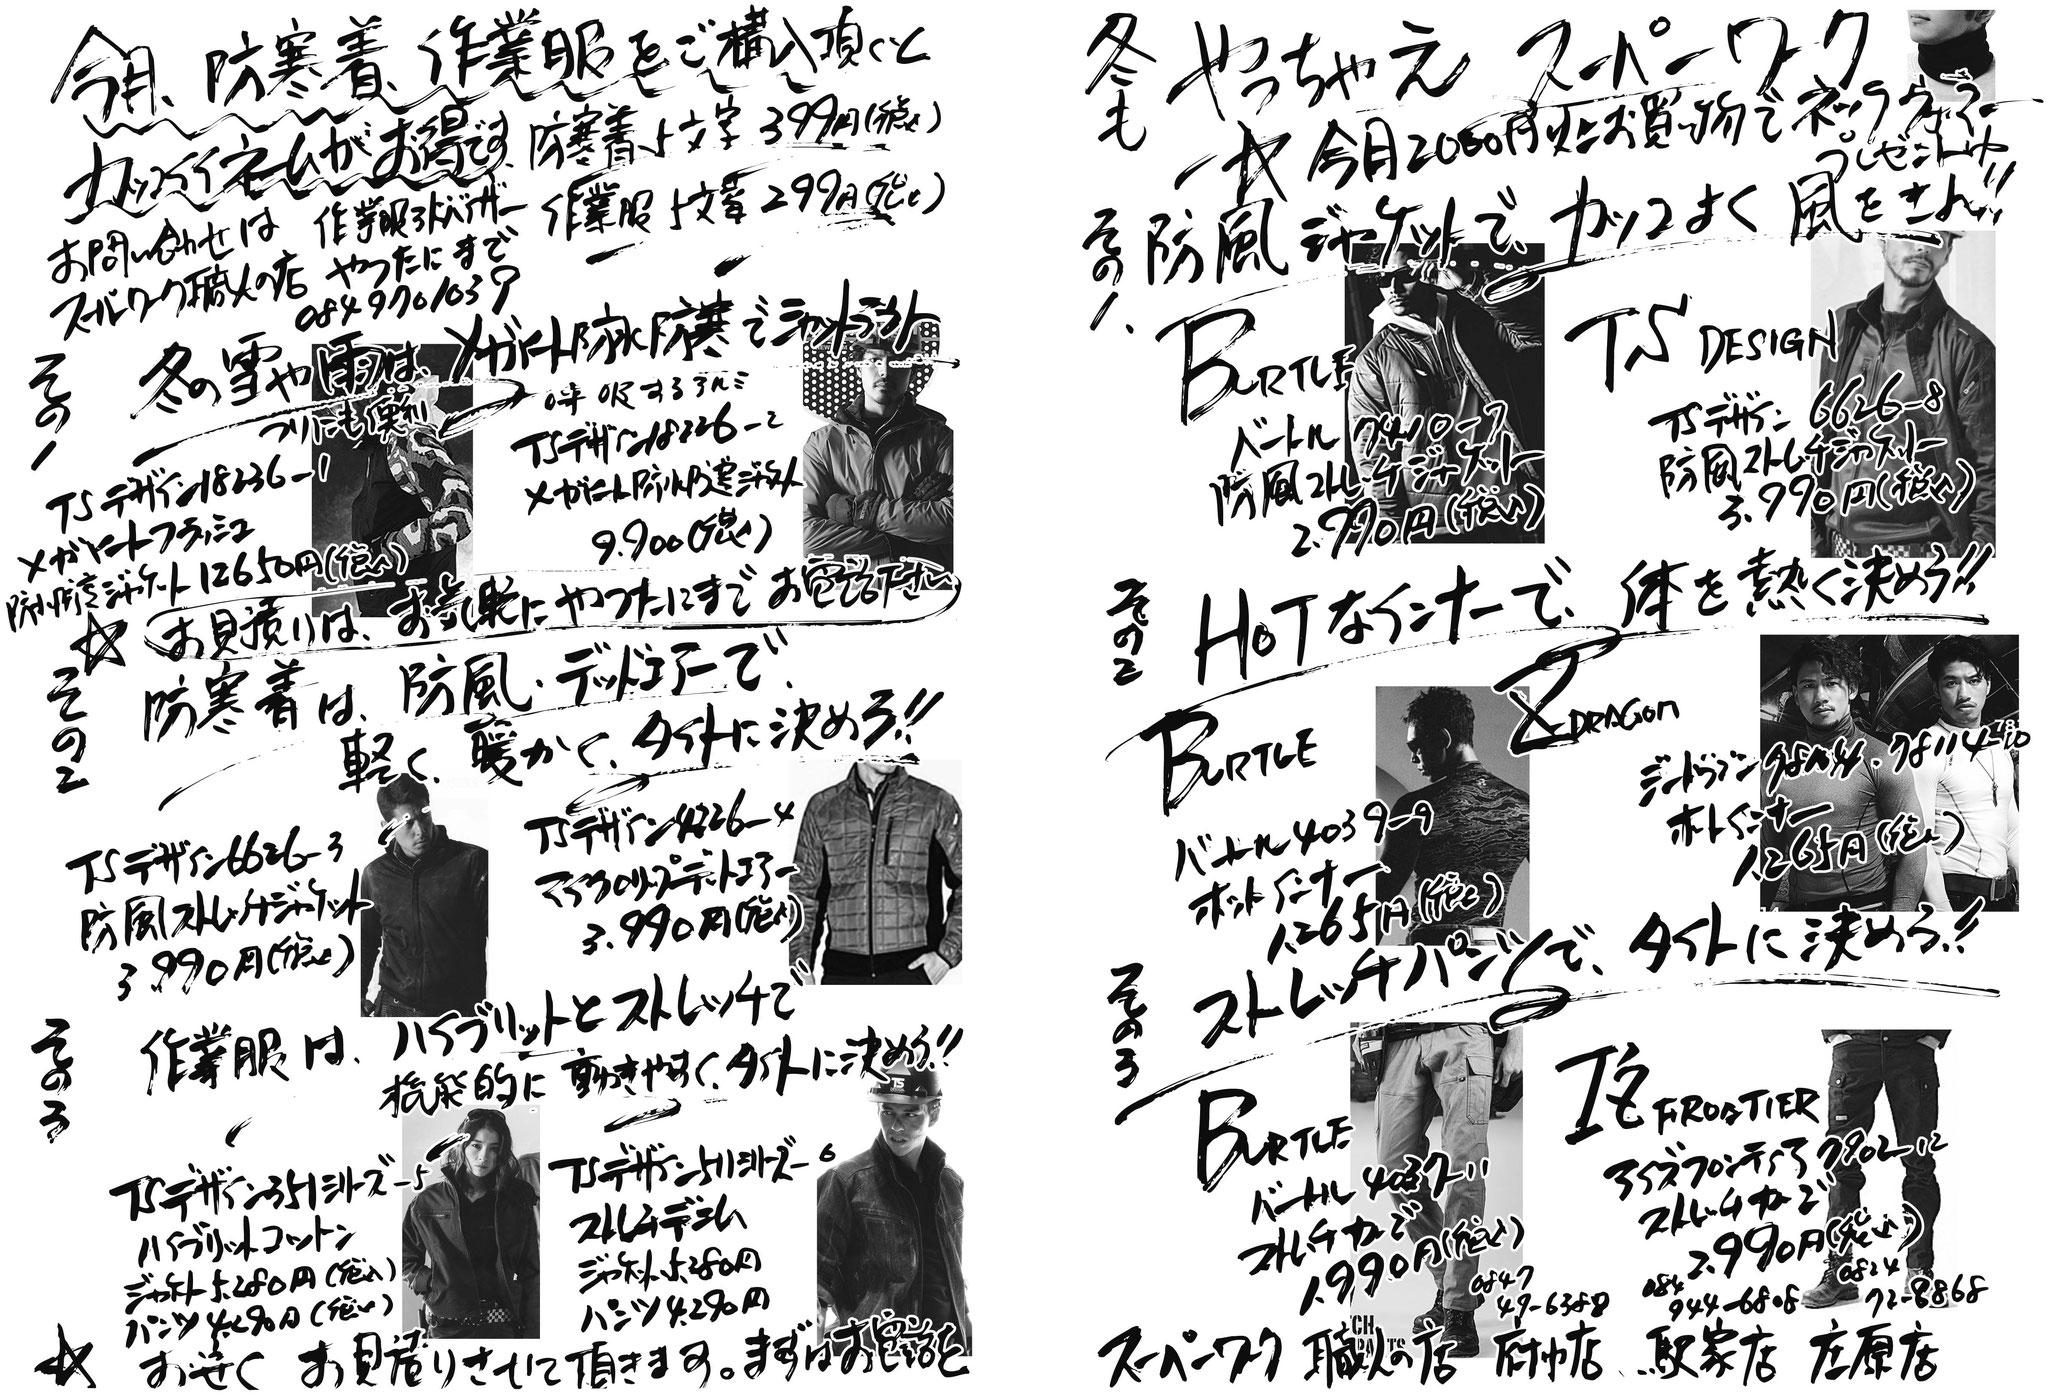 やっちゃえスーパーワークキャンペーン実施中!!新作の防寒着・作業服ぞくぞく入荷中!!